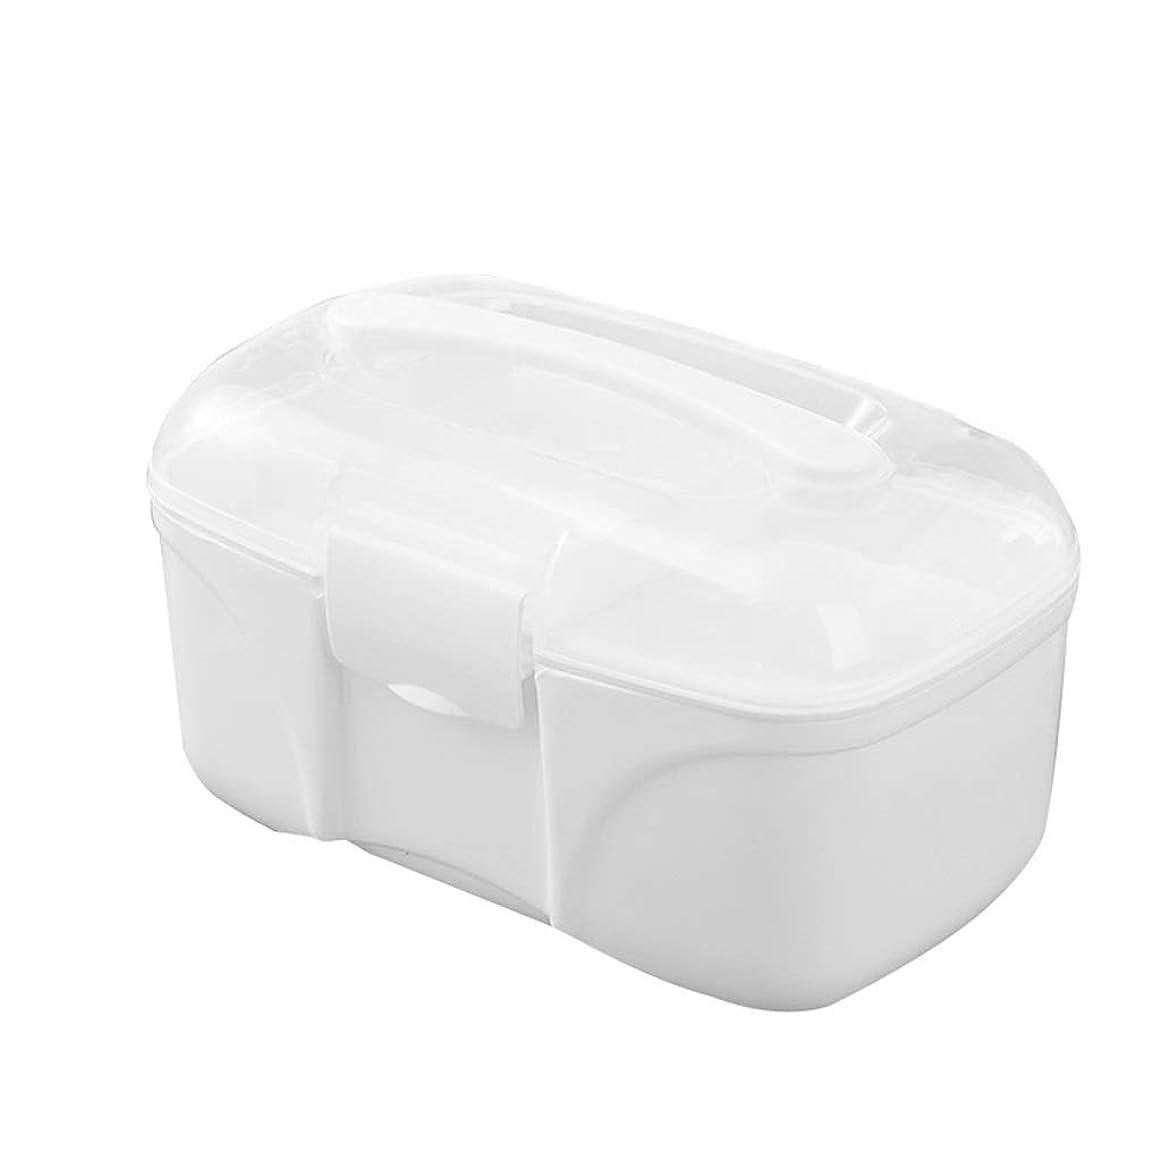 スキップ農学クモLWBUKK プラスチック製の薬の収納ボックス、小さなポータブル医療救急キット、ポータブルの薬箱、家庭用おもちゃ収納ボックス 医療箱